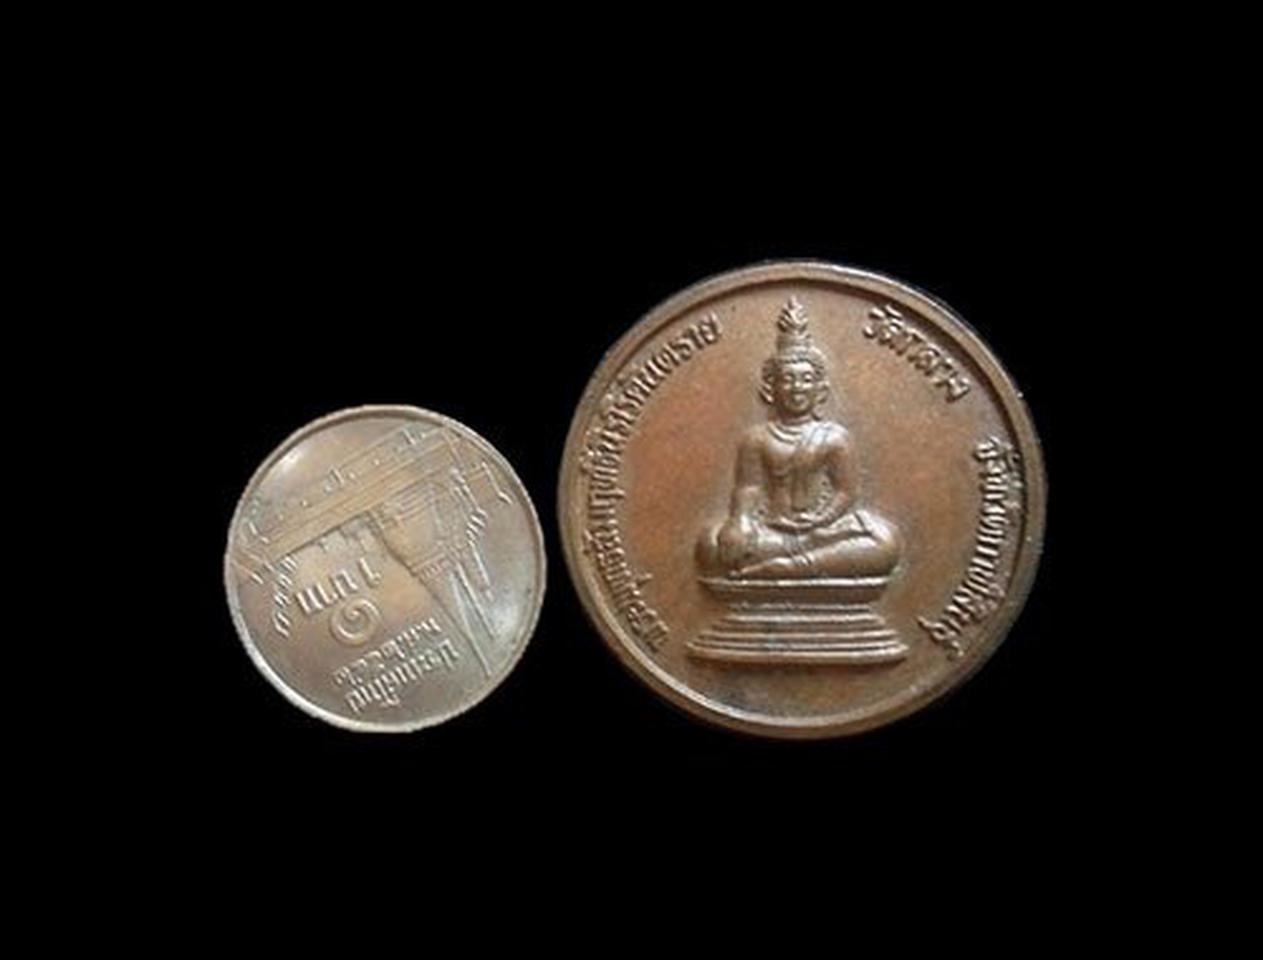 เหรียญพระพุทธมฤทธิ์นิรโรคันตราย วัดกลาง กาฬสินธุ์ ปี2529 รูปที่ 3